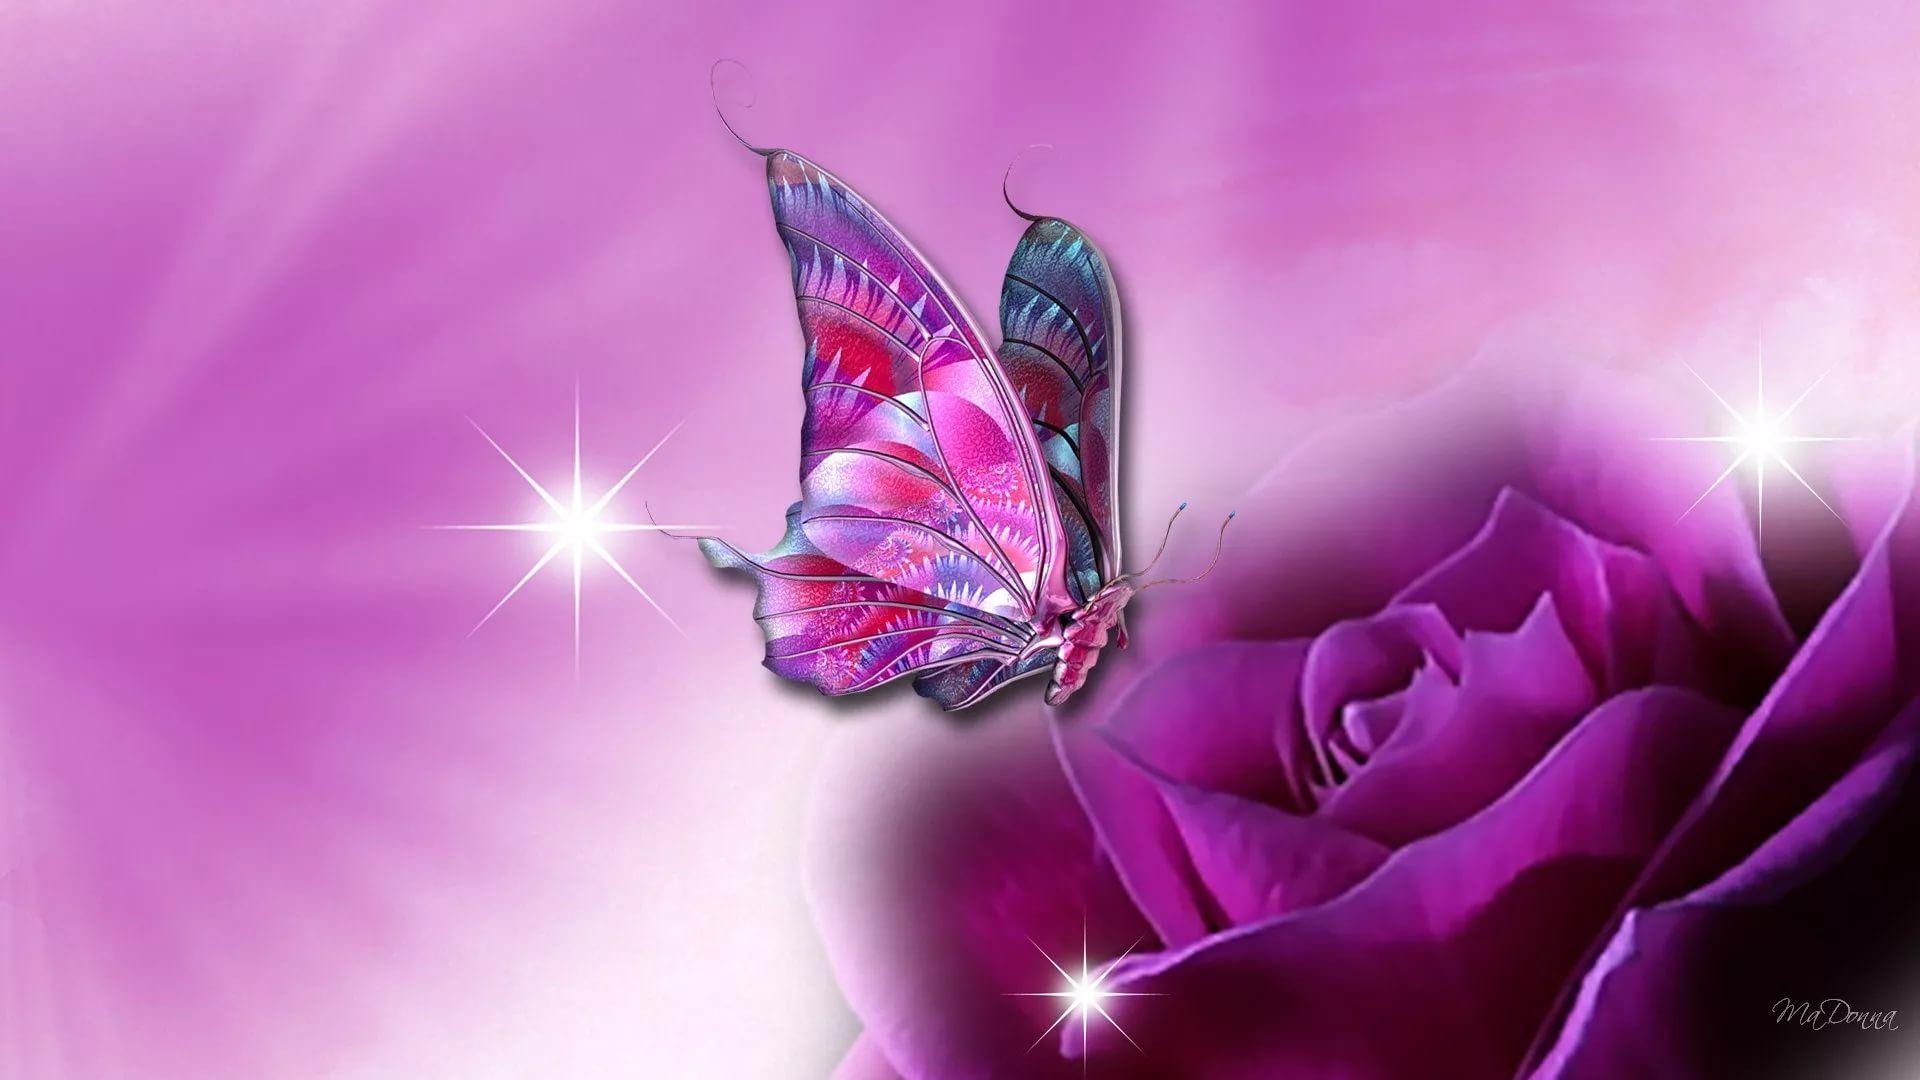 Nice Butterfly vertical wallpaper hd